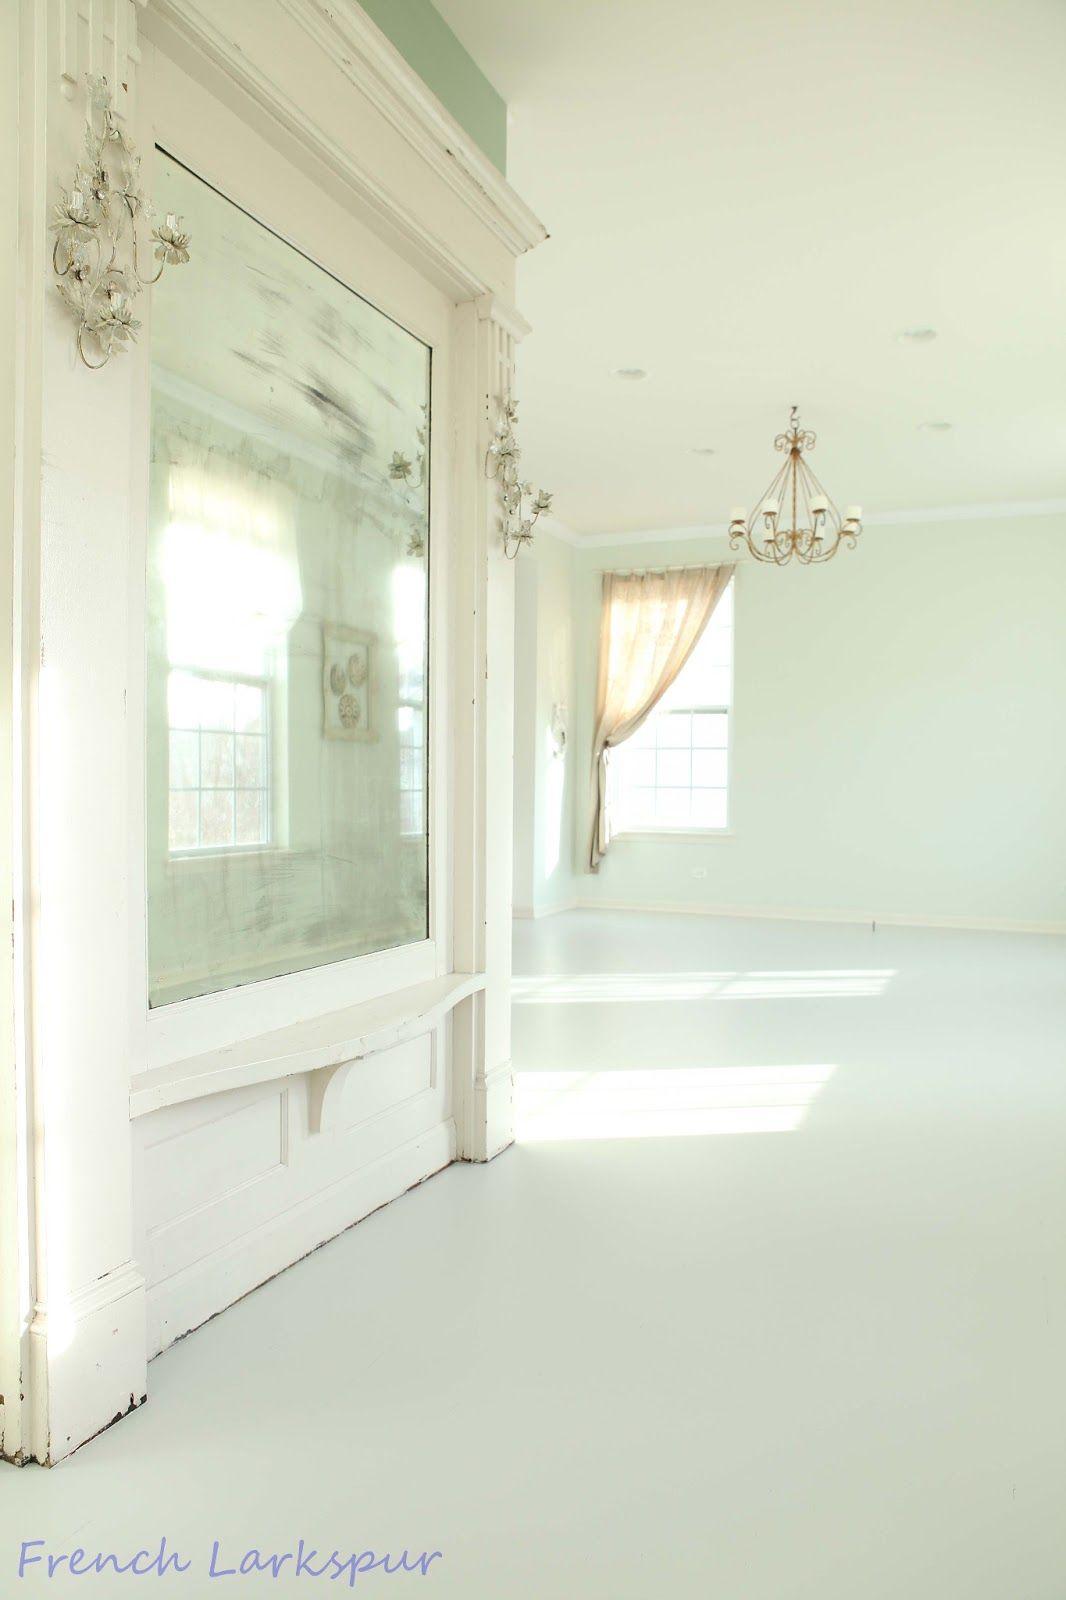 Diy Painting Hardwood Floors Step By Step Tutorial On Prepping